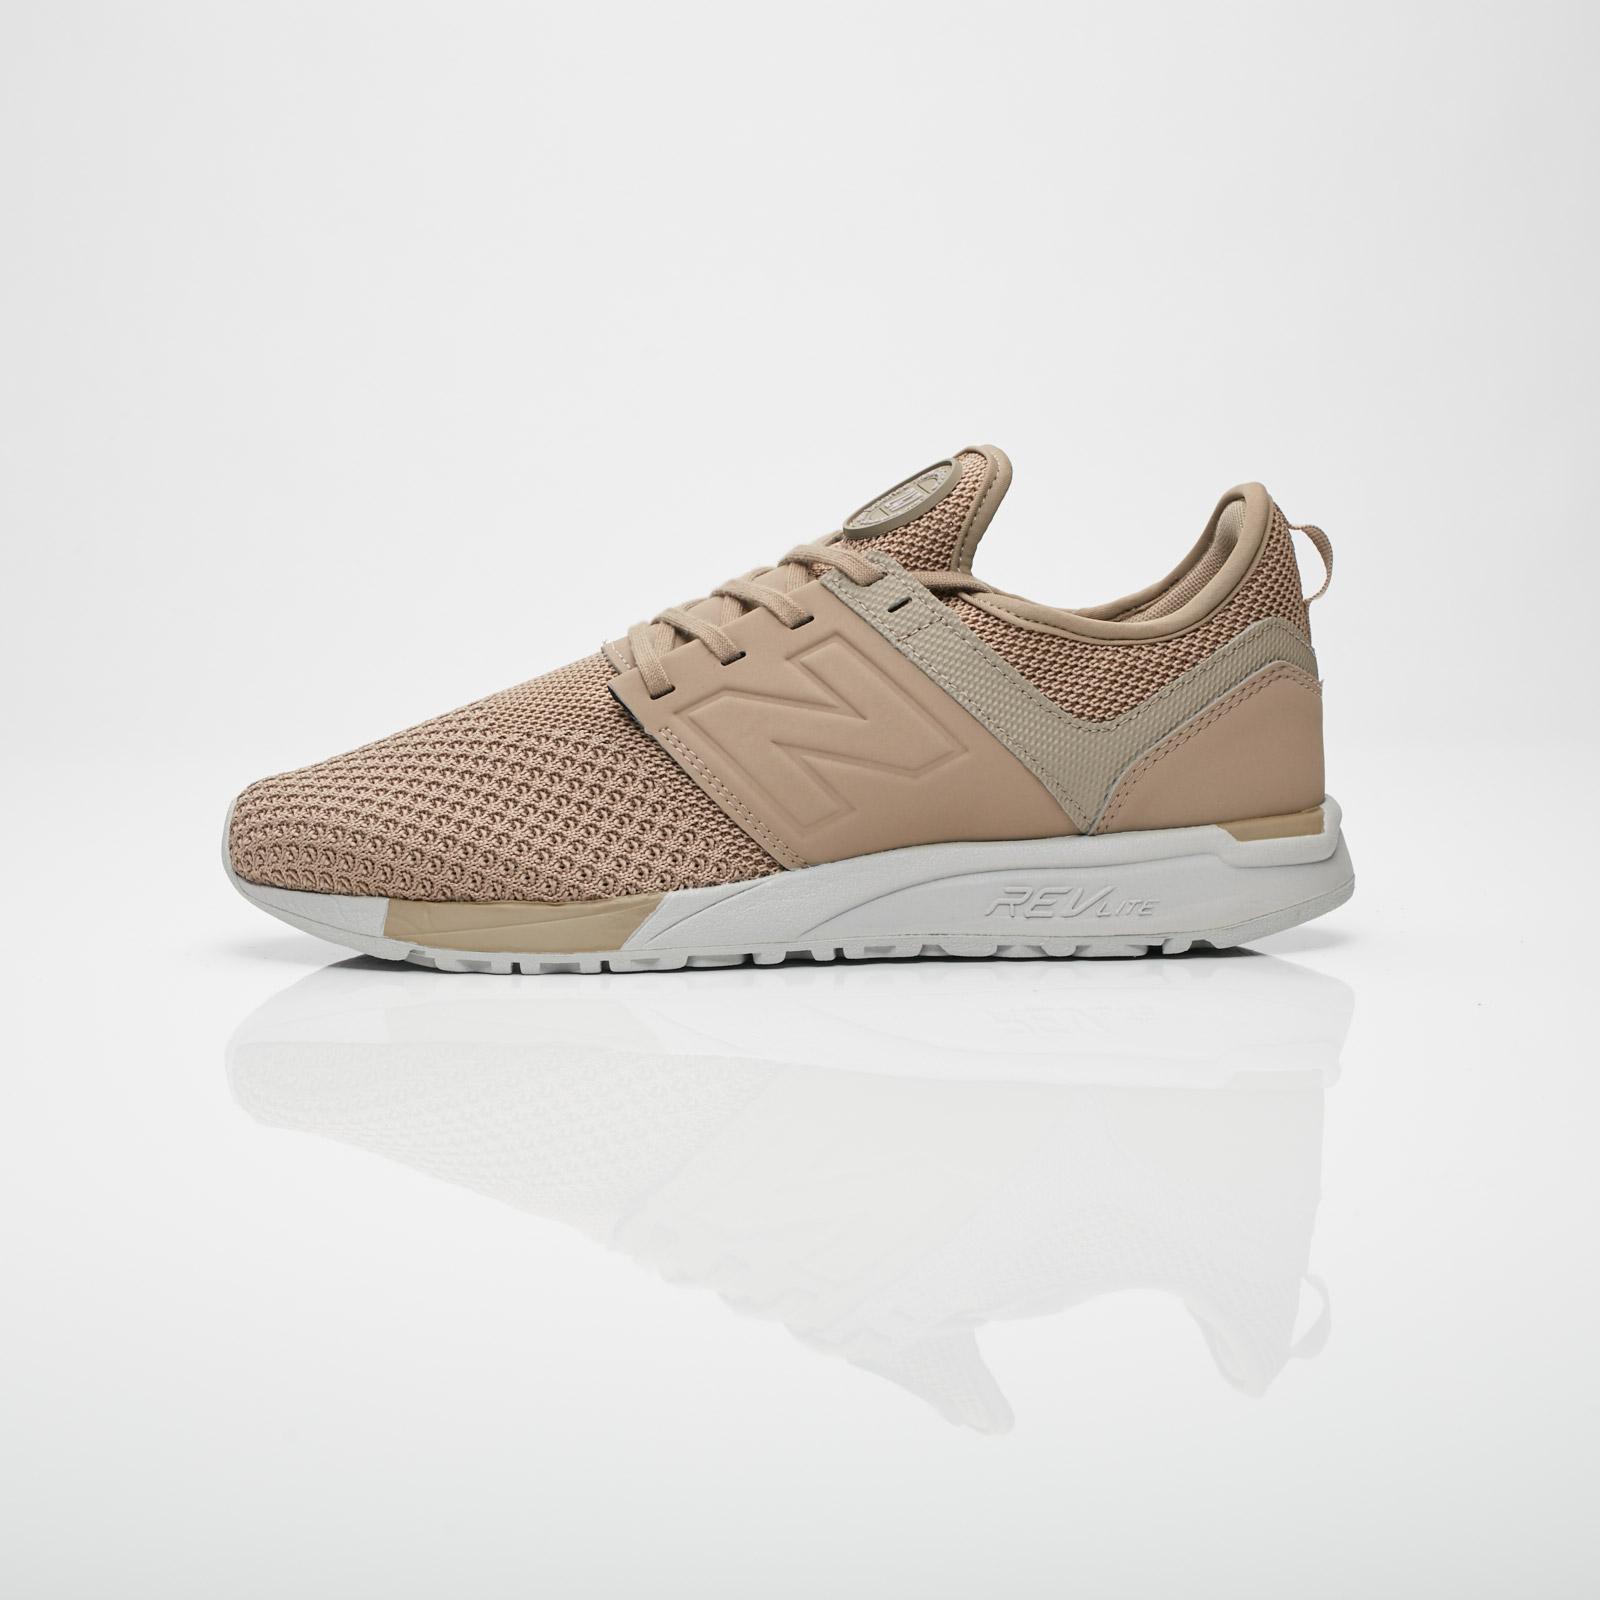 New Balance MRL 247 Knit - Mrl247kt - SNS | sneakers & streetwear ...